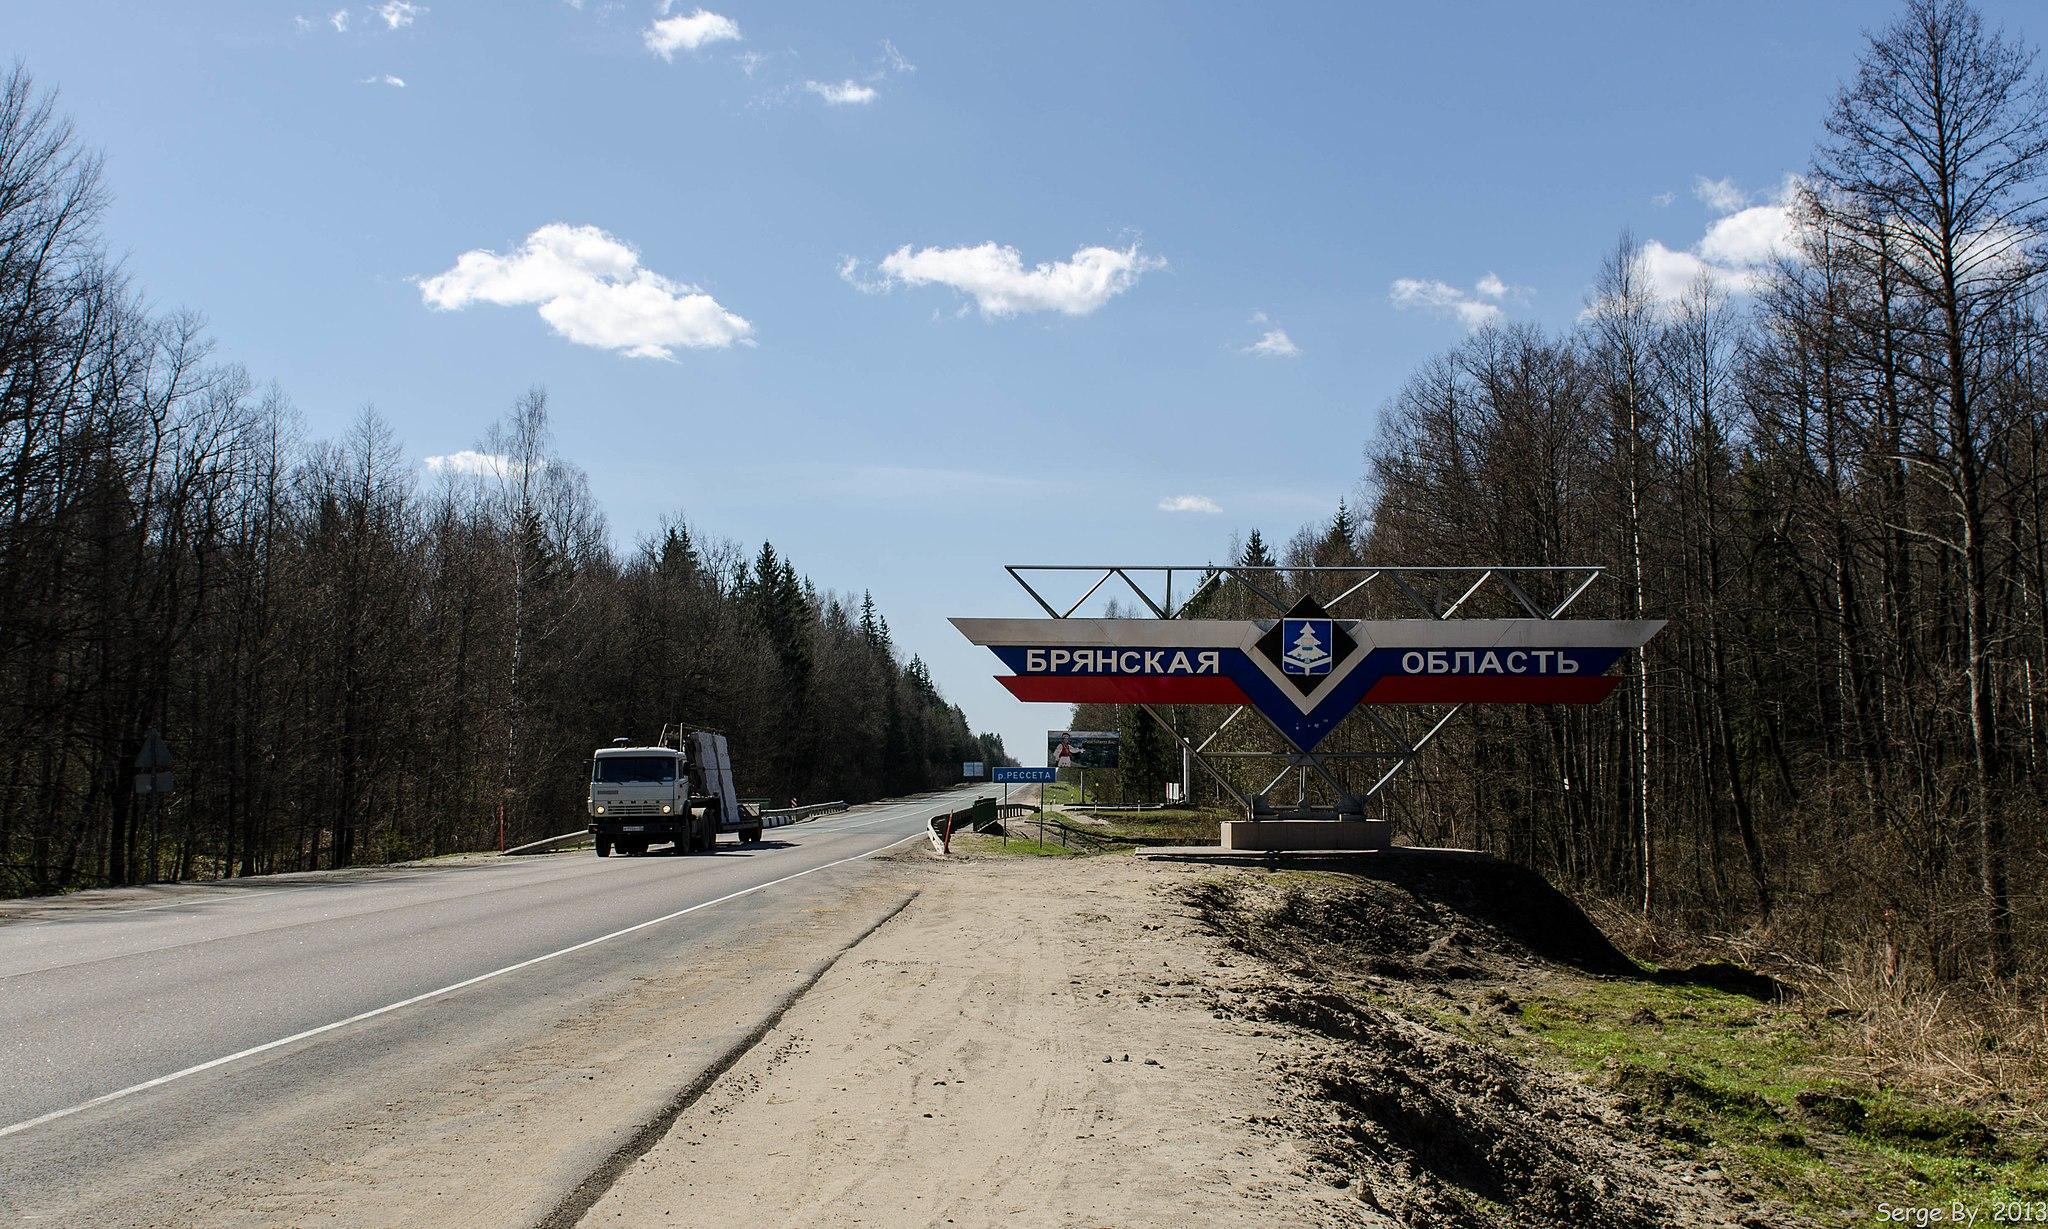 Ukraina chce przeznaczyć jeszcze 4,5 miliarda hrywien na wzmocnienie granicy z Rosją